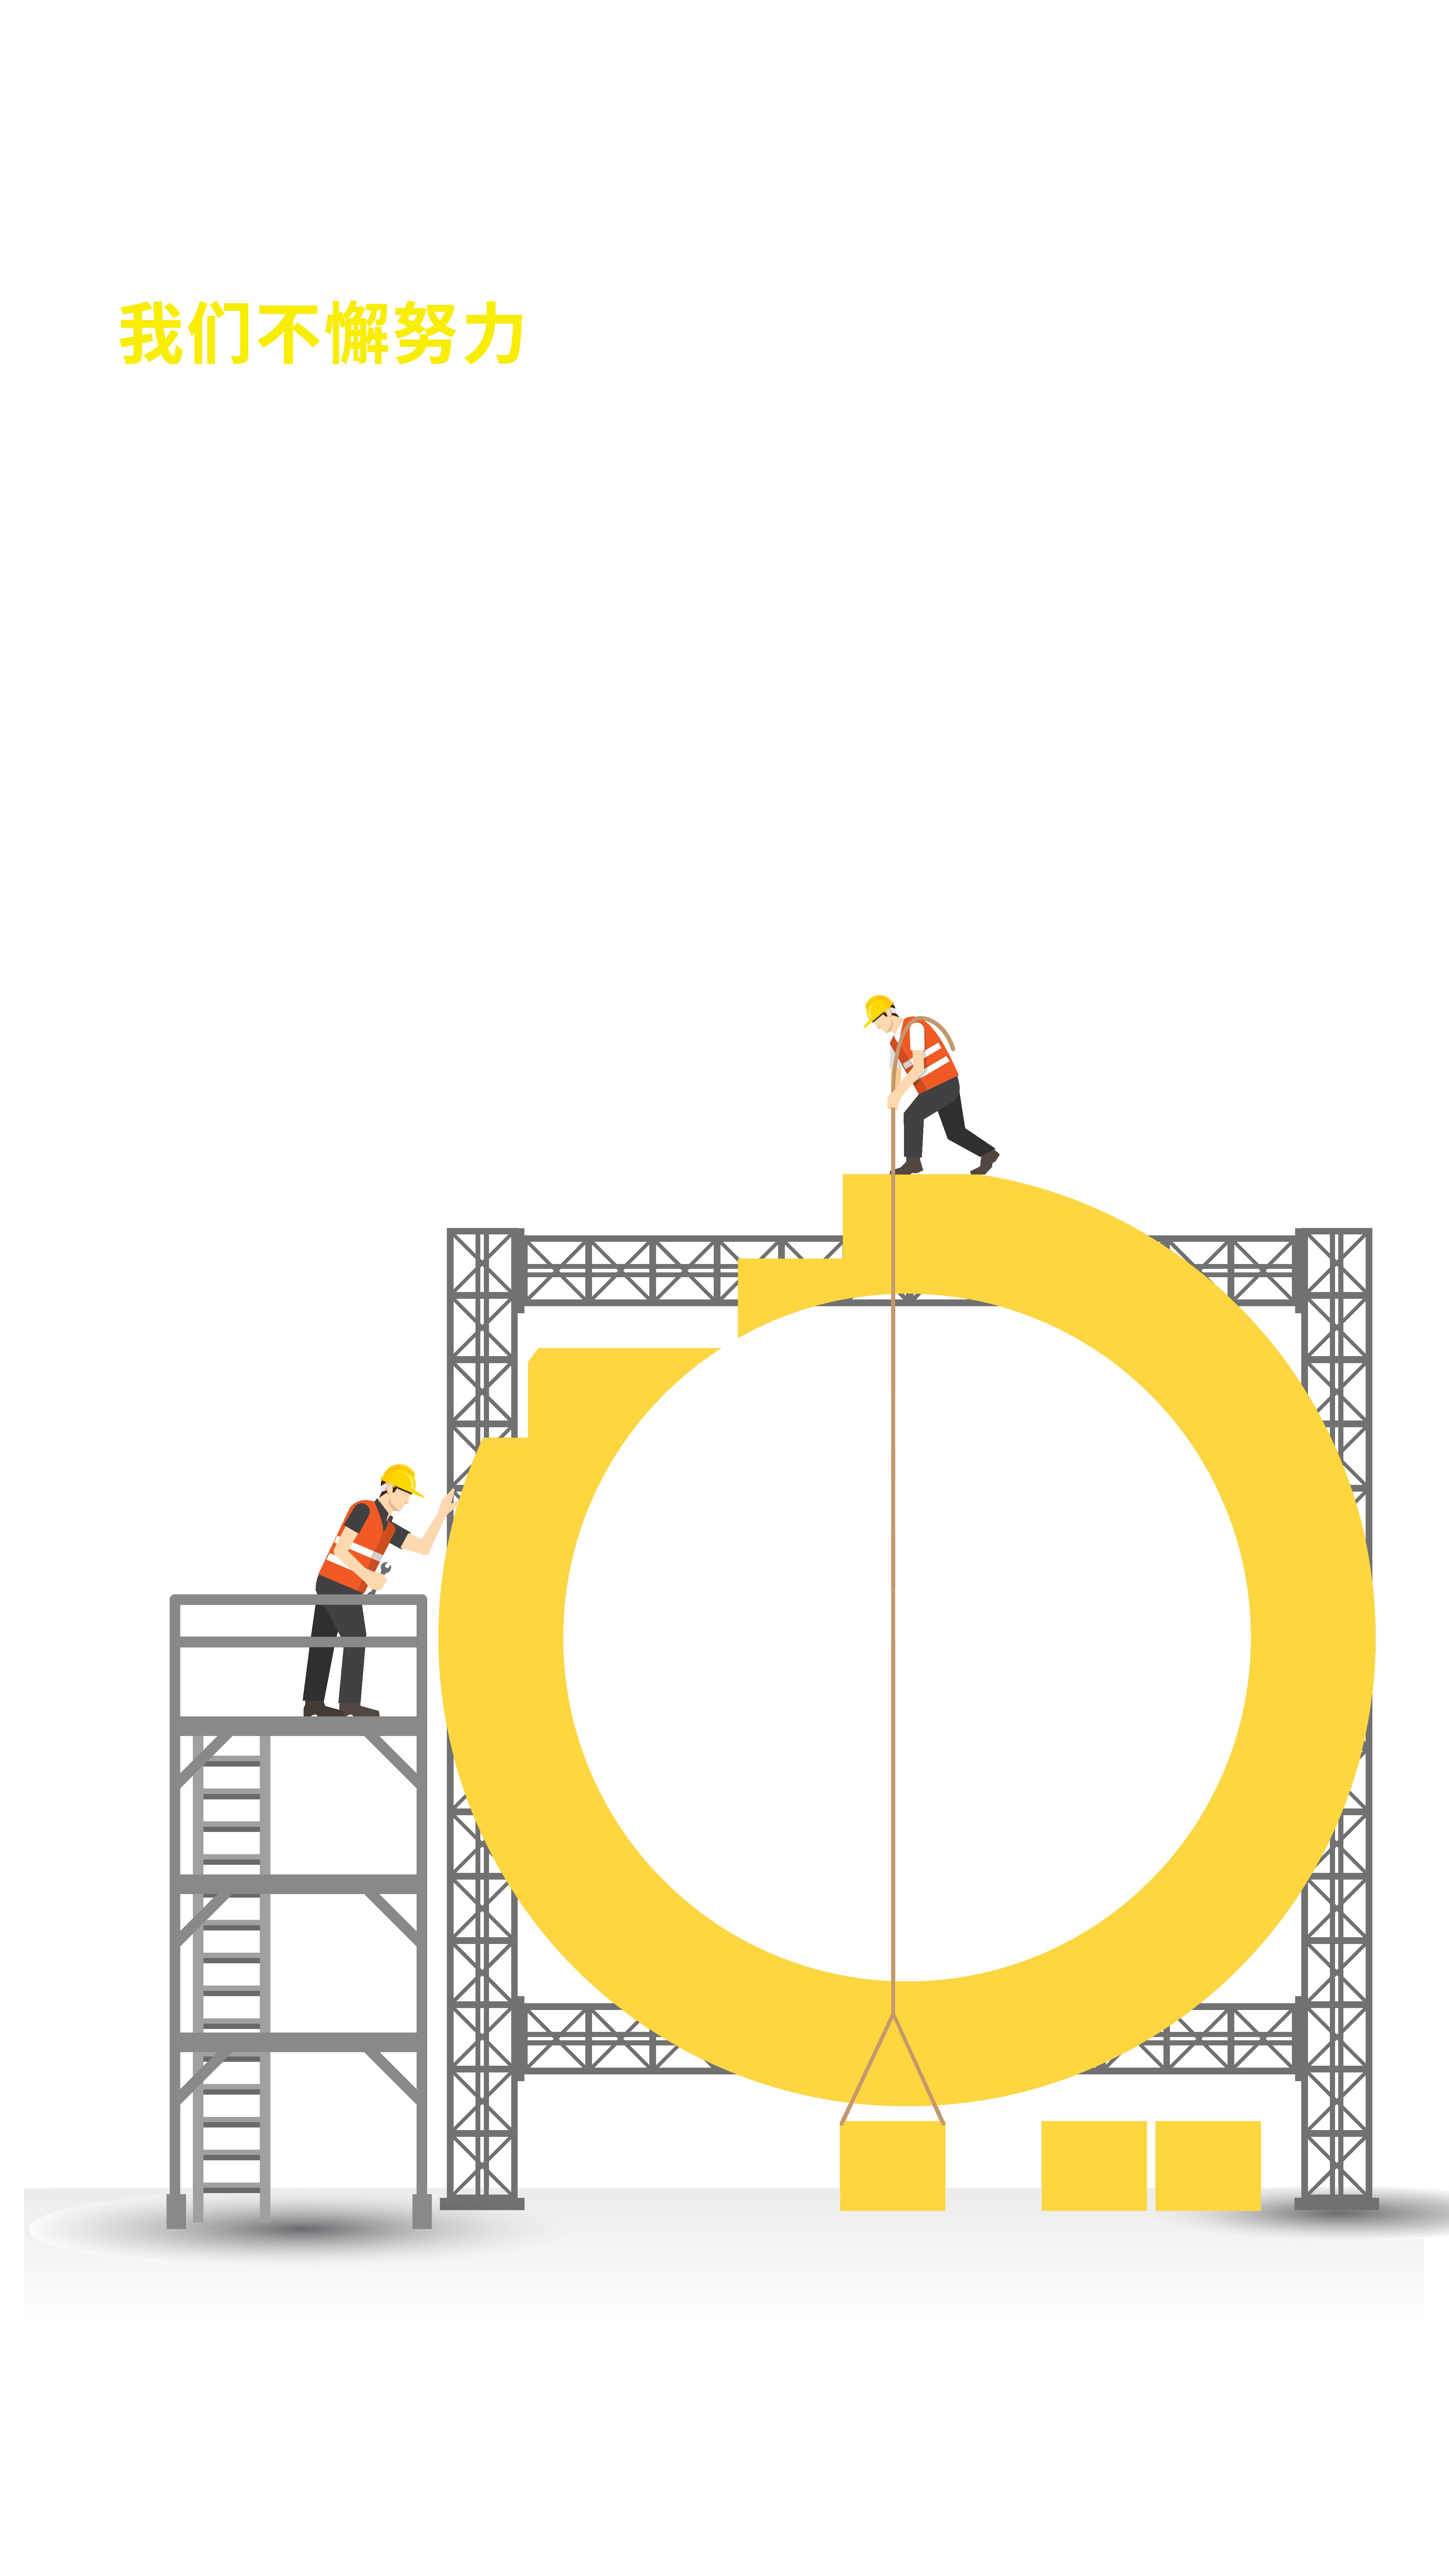 永利国际官网2018年度报告手机海报-03